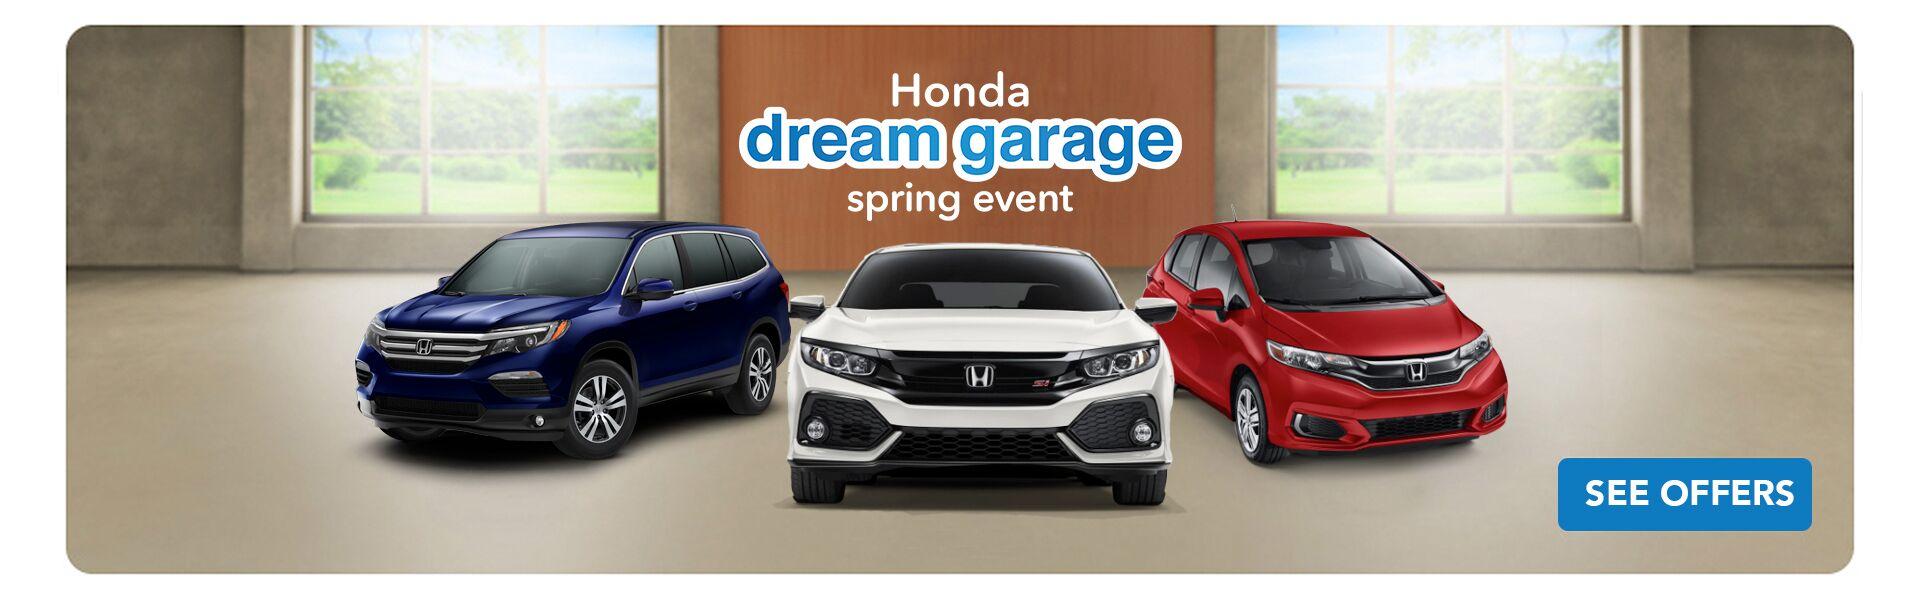 Craigslist Nj Cars Honda Civic